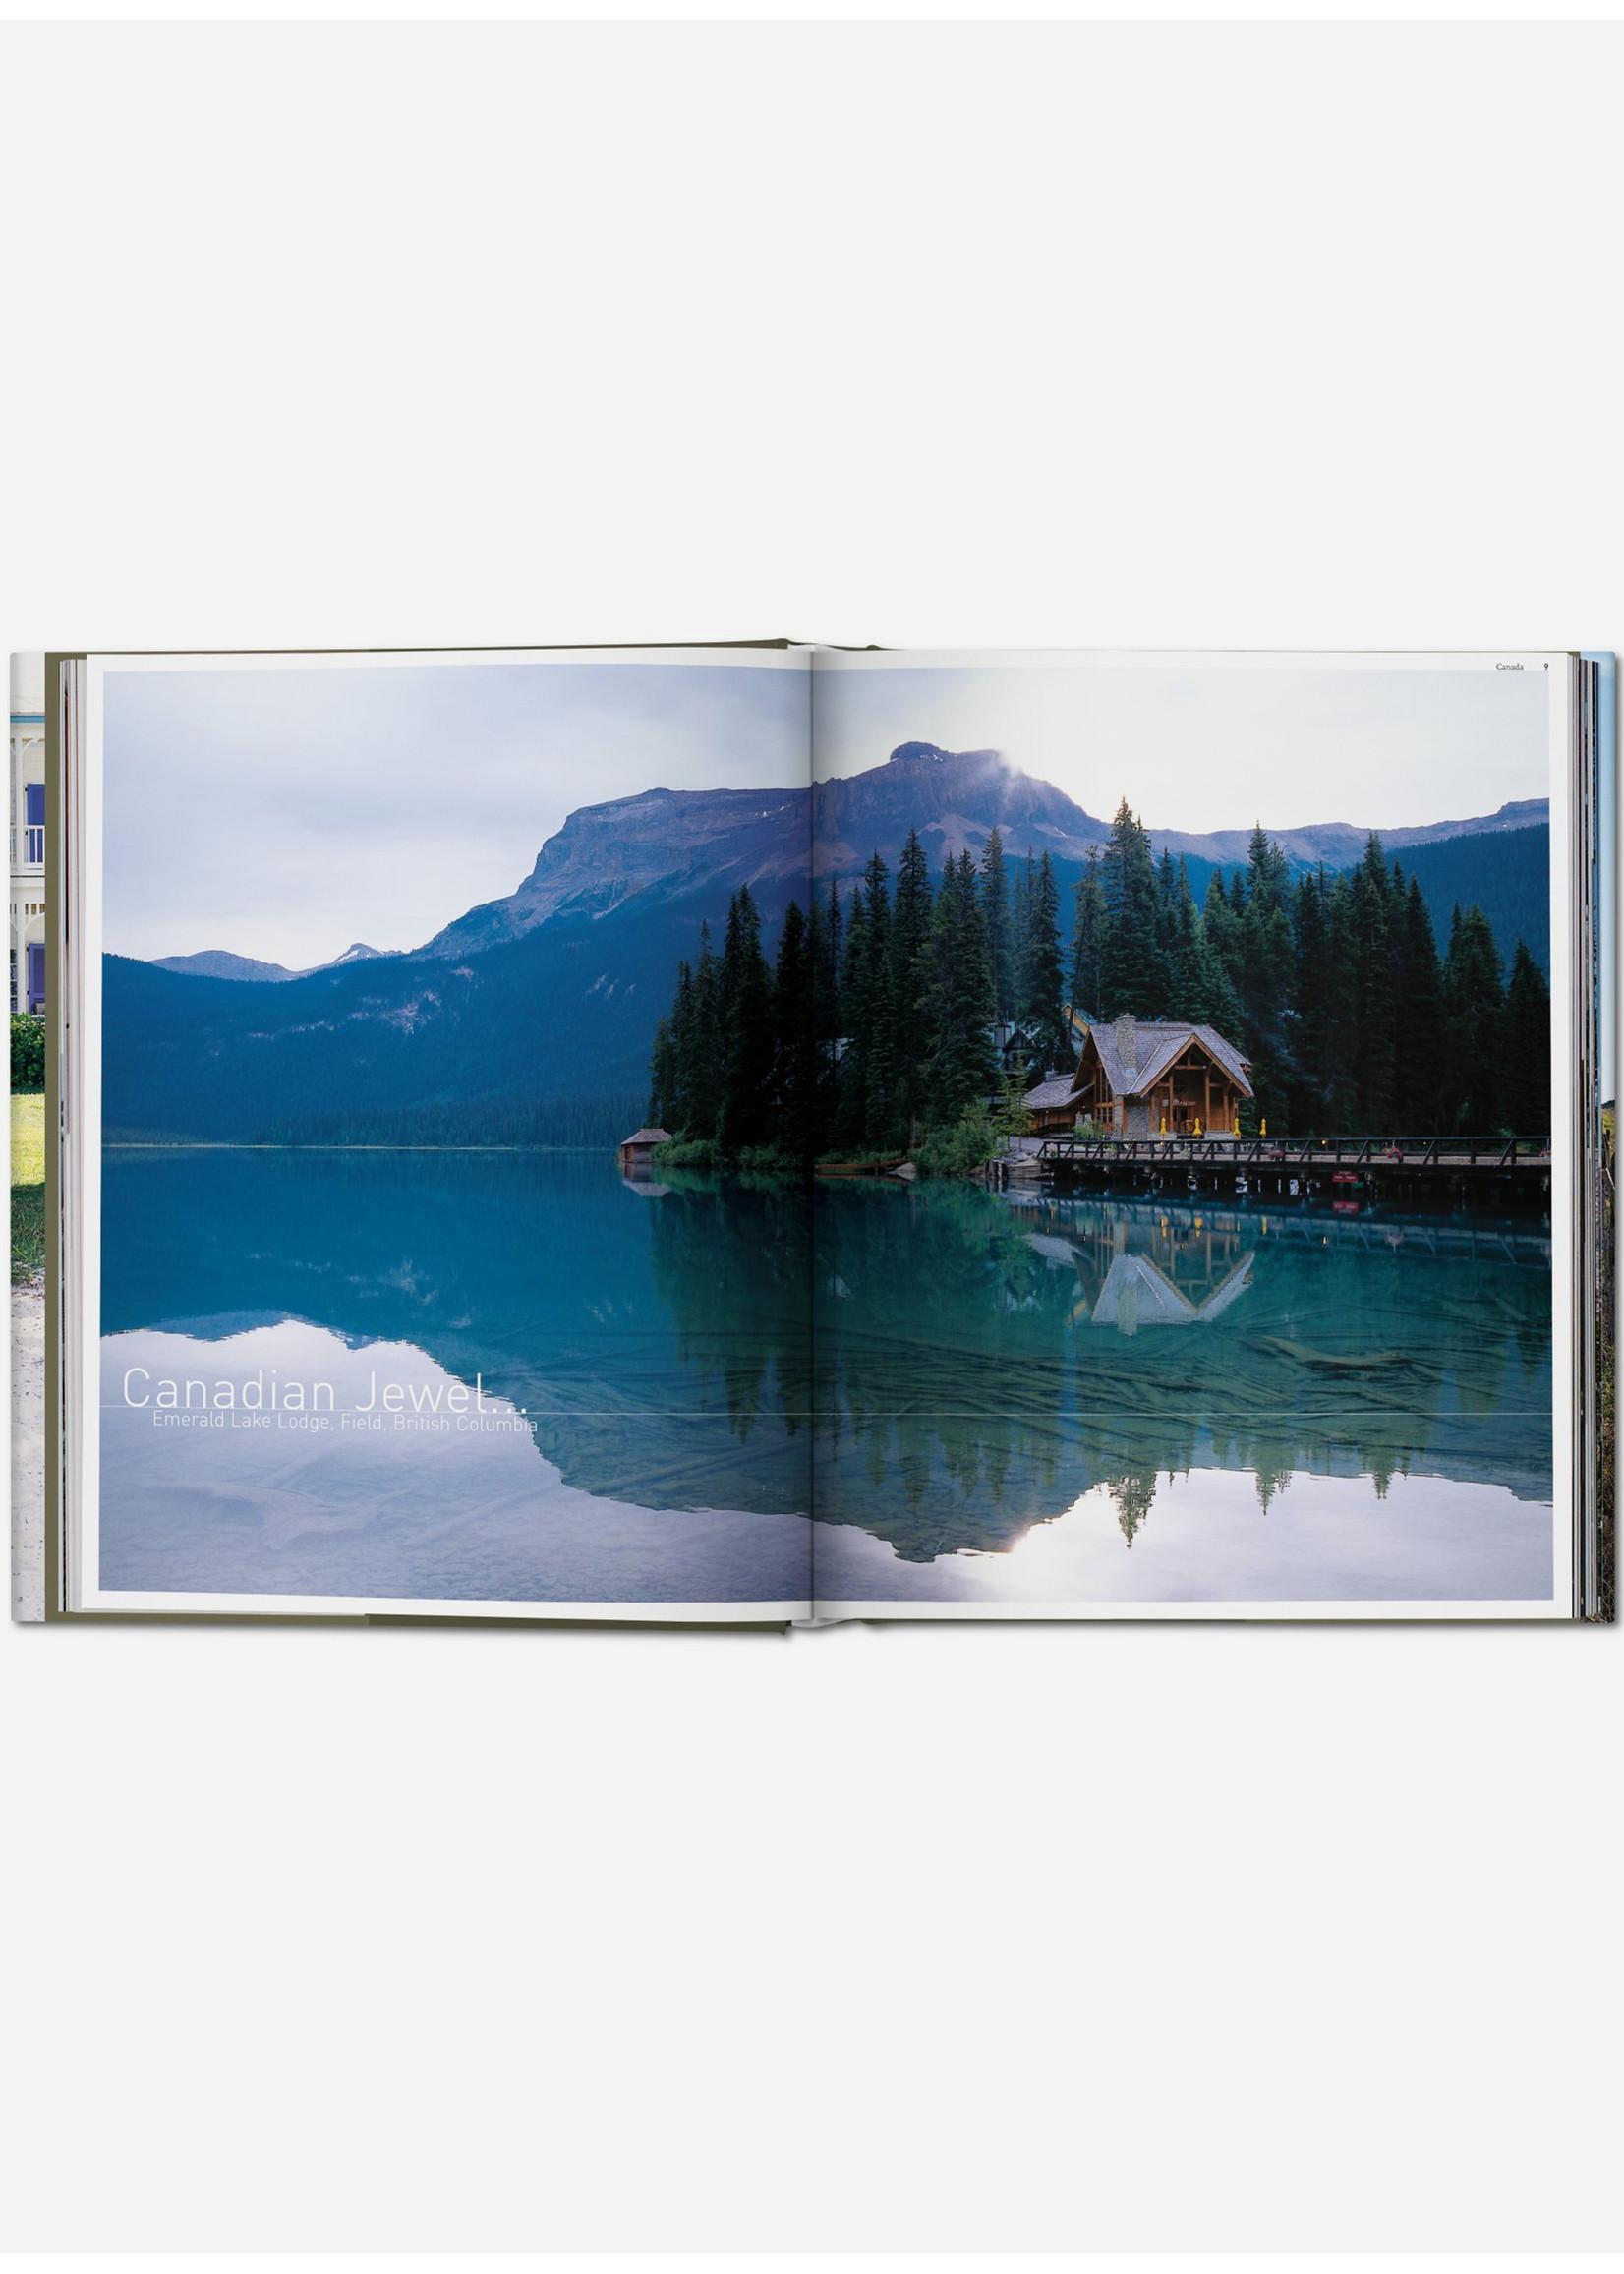 Taschen Books Great Escapes North America